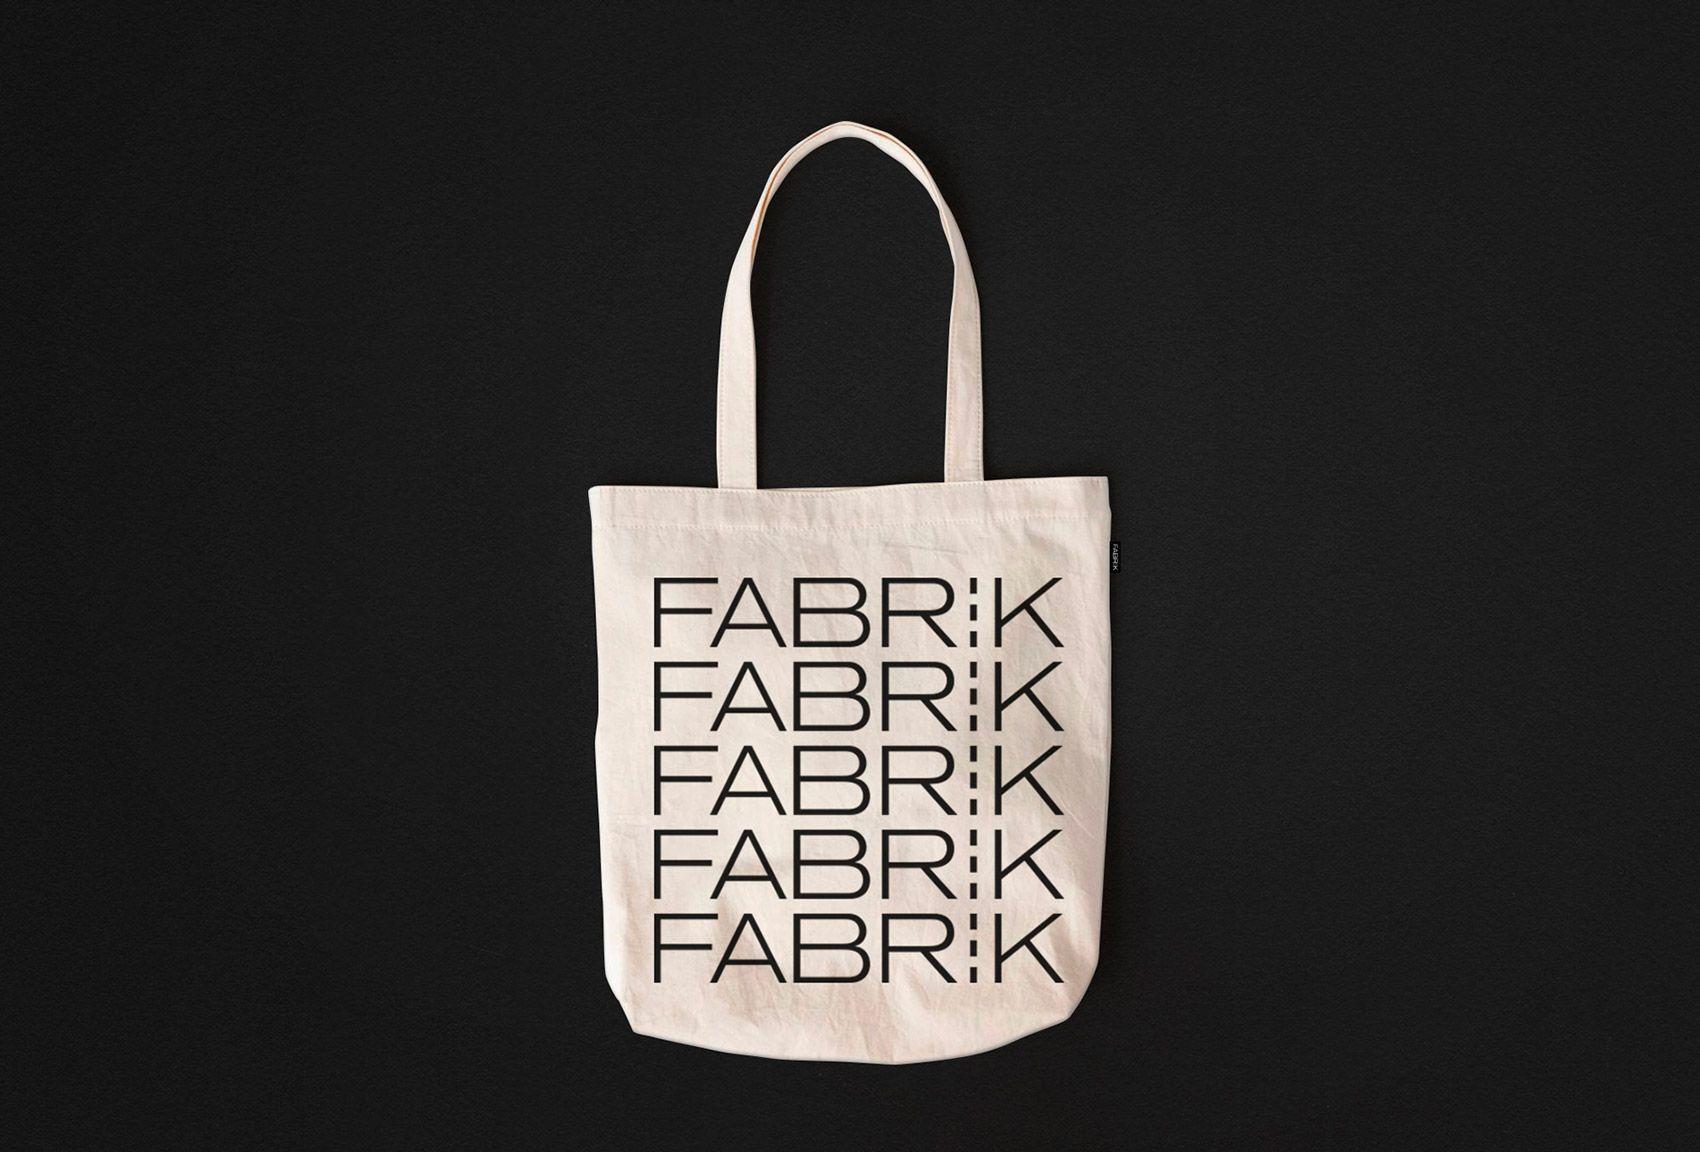 Download Fabrik Visual Journal Unique Tote Bag Tote Bag Design Bags